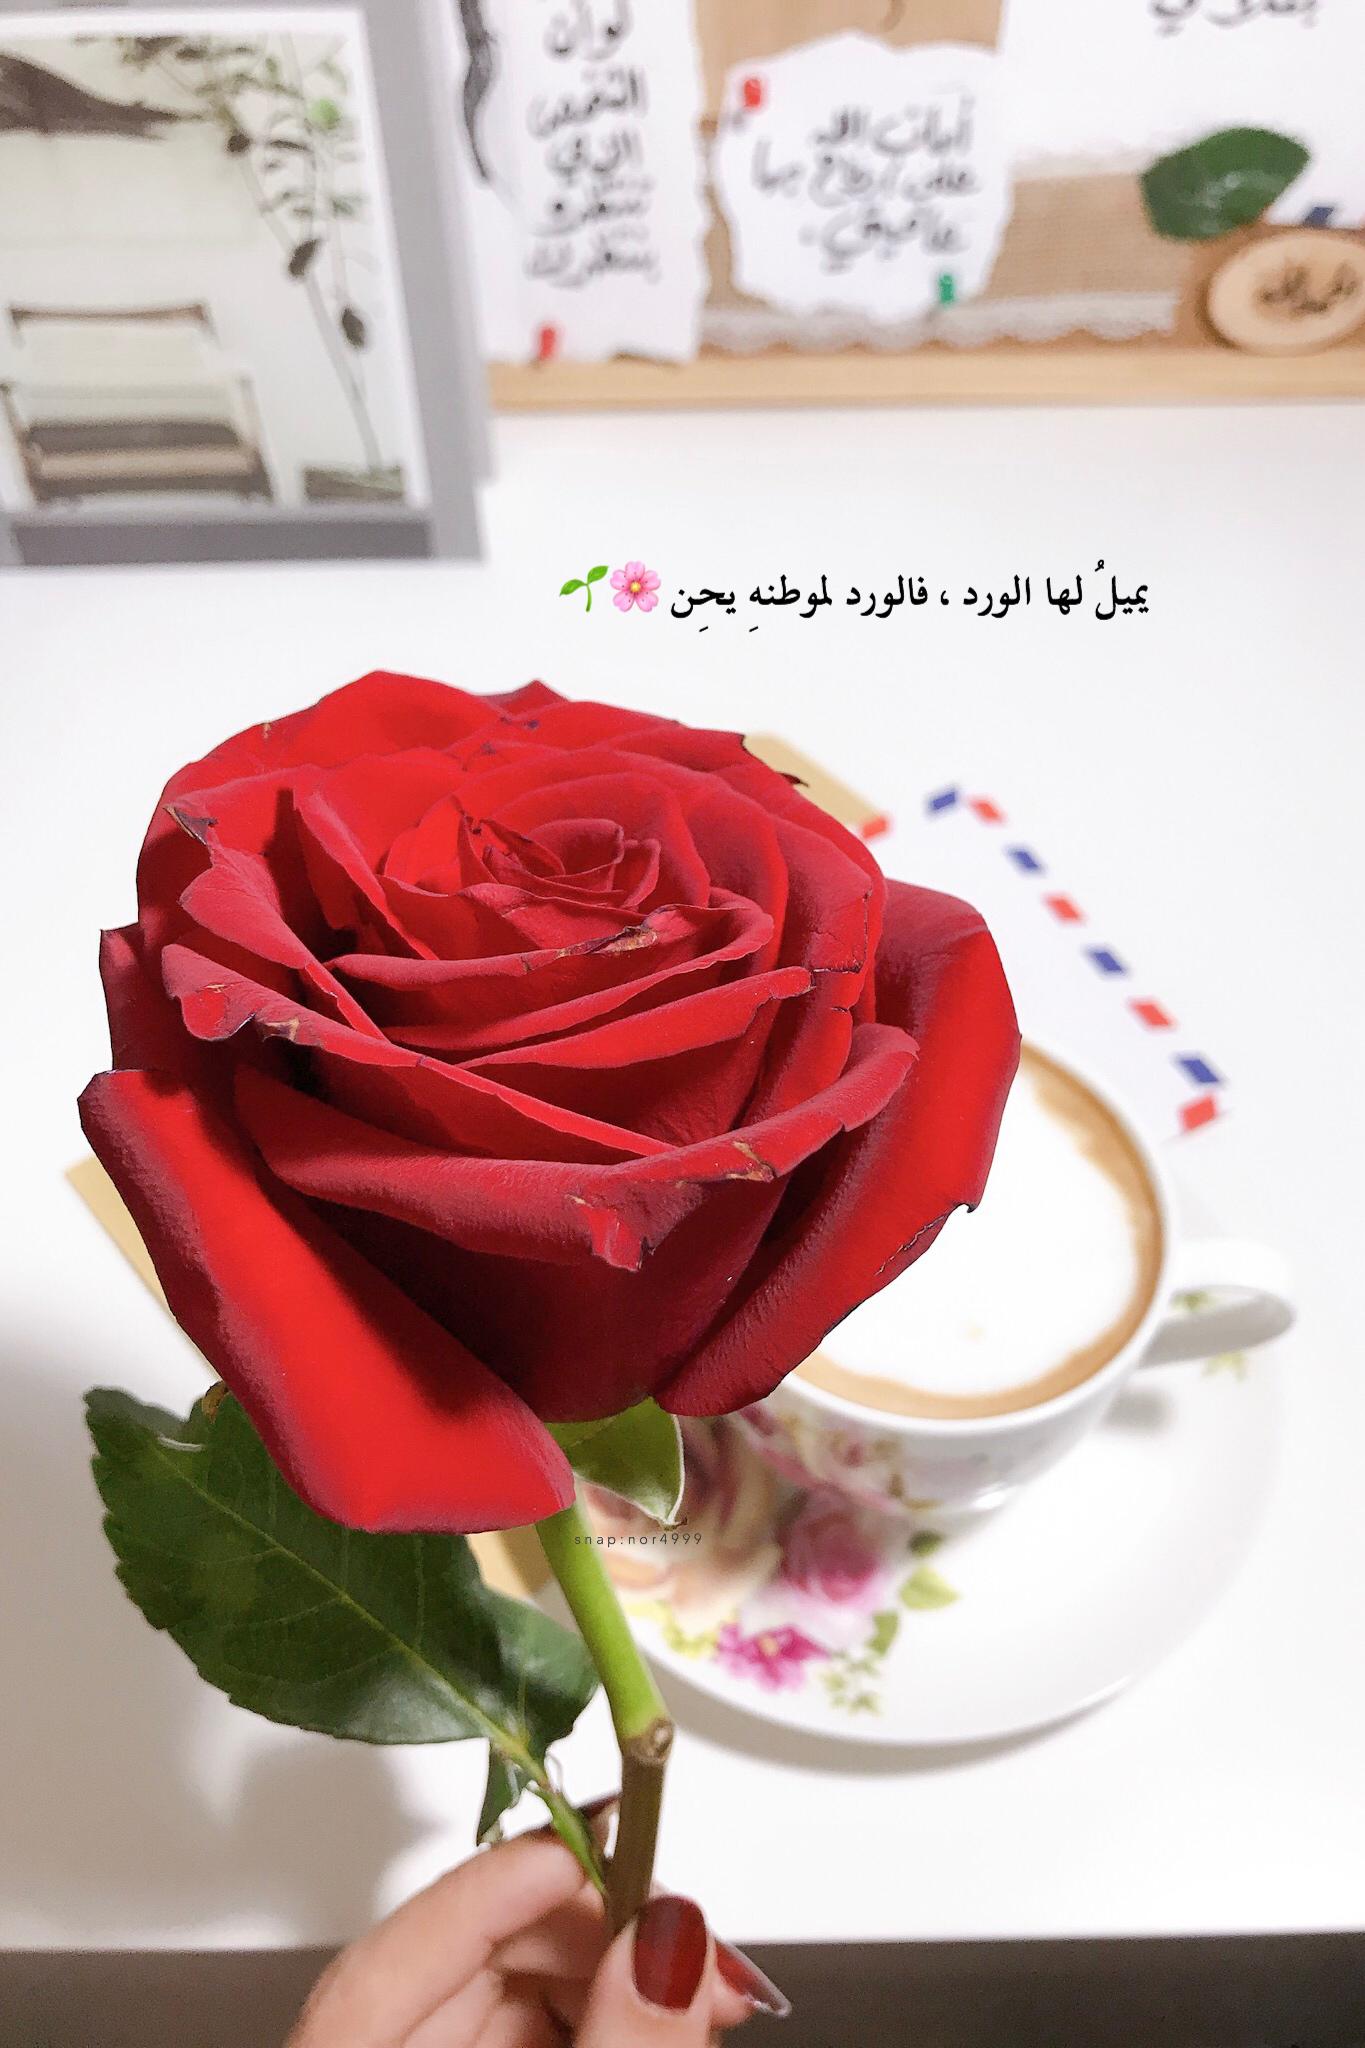 احن الي خبز أمي و قهوة امي Magic Words Words What Is Love